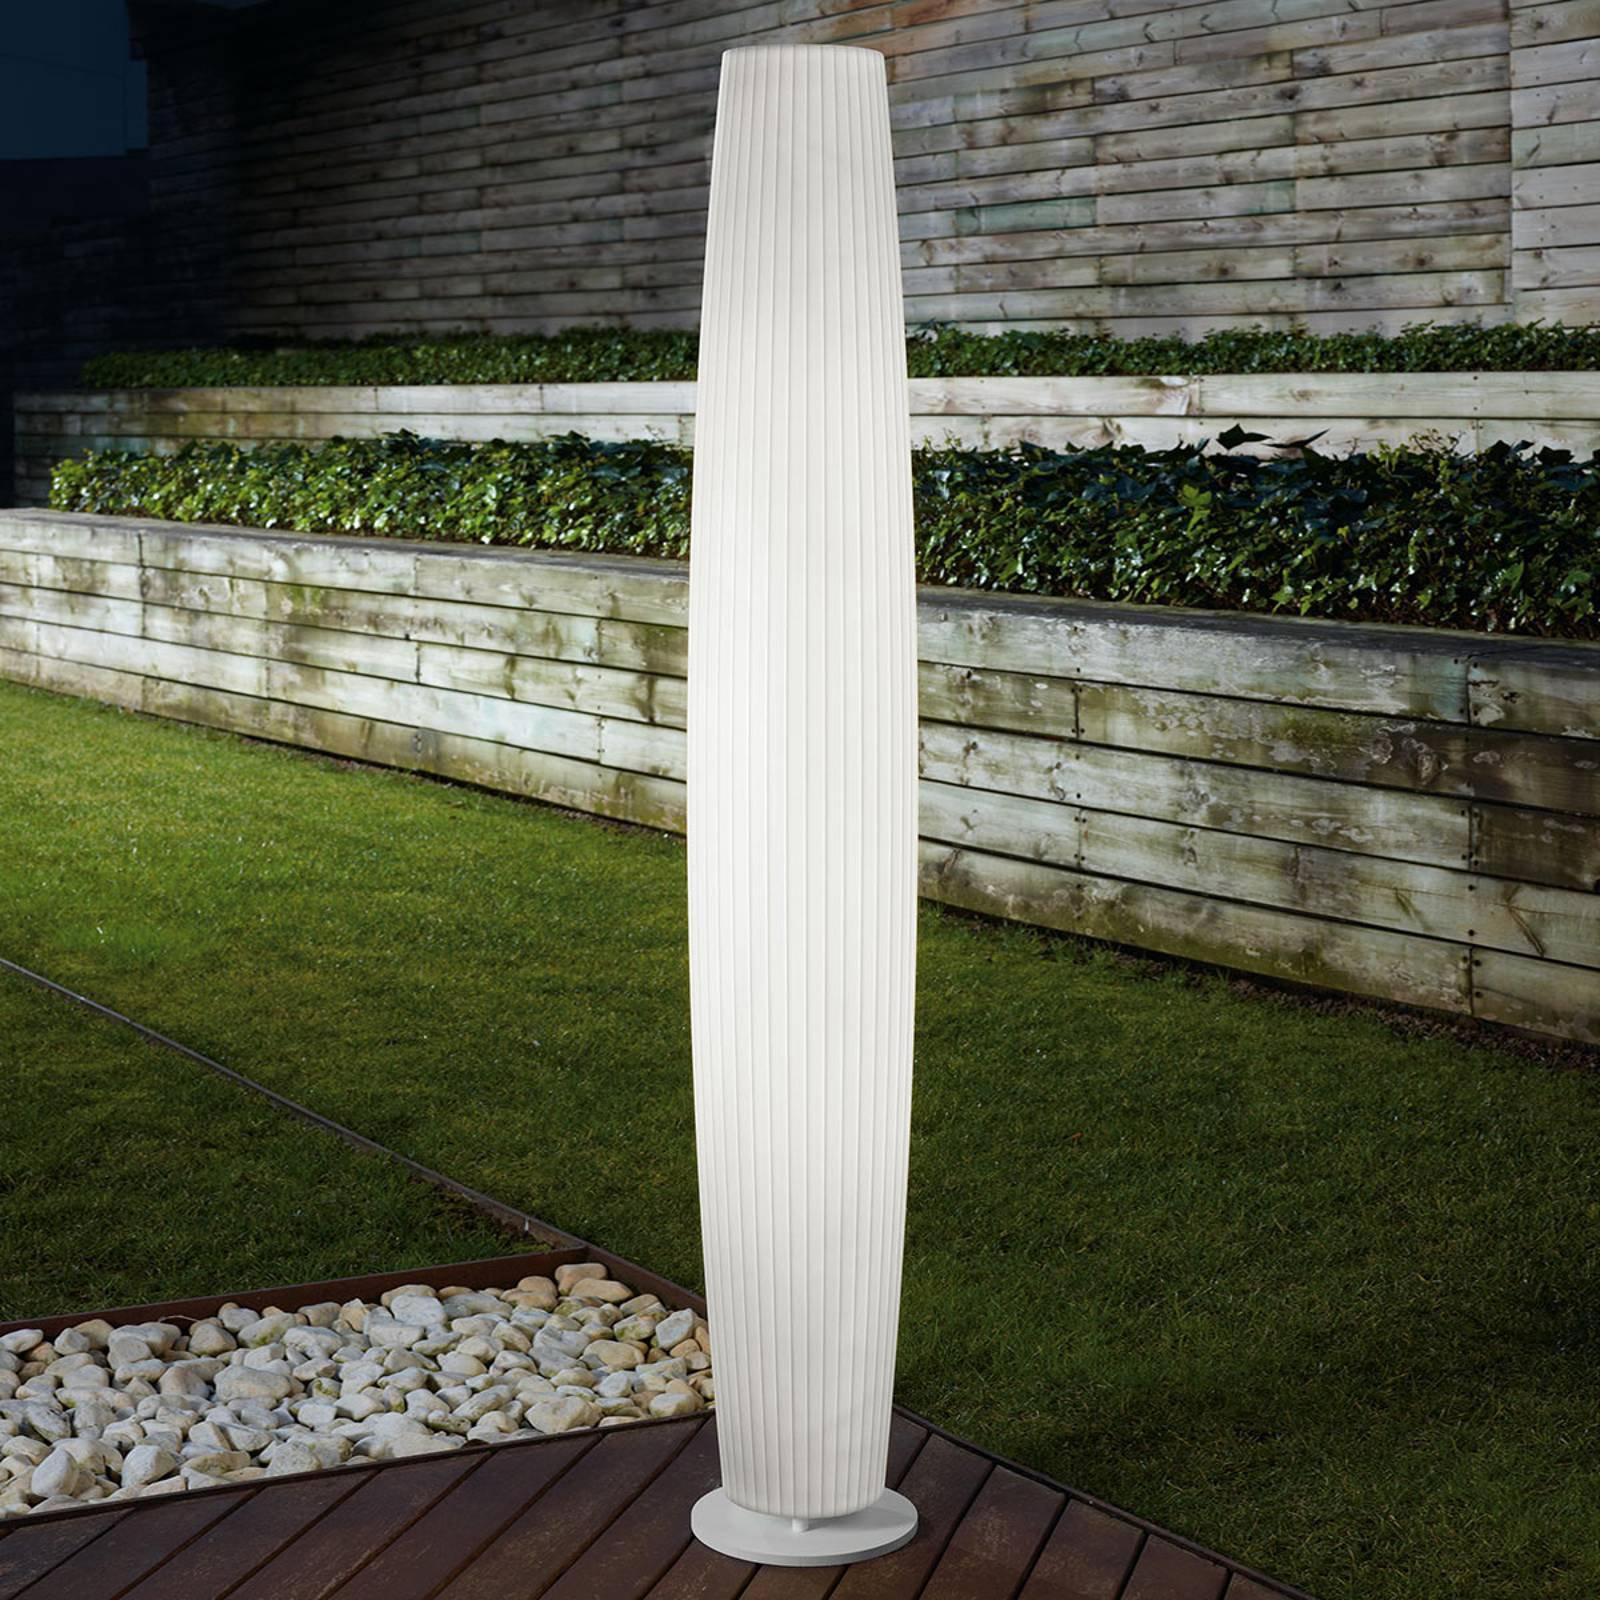 Bover Maxi P/180 utendørs LED-gulvlampe